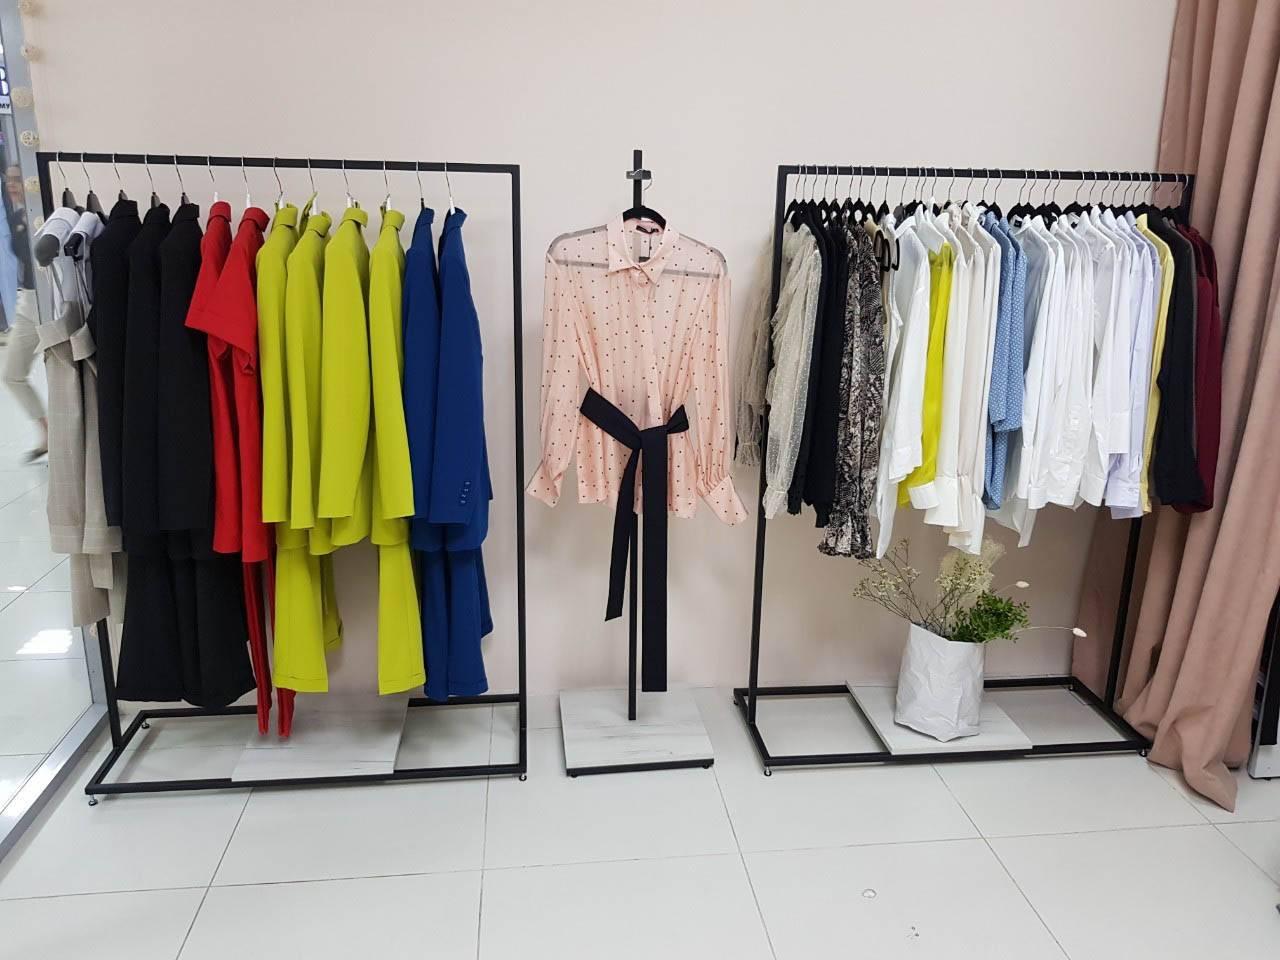 вешалки в салон одежды_1100*400*1550мм